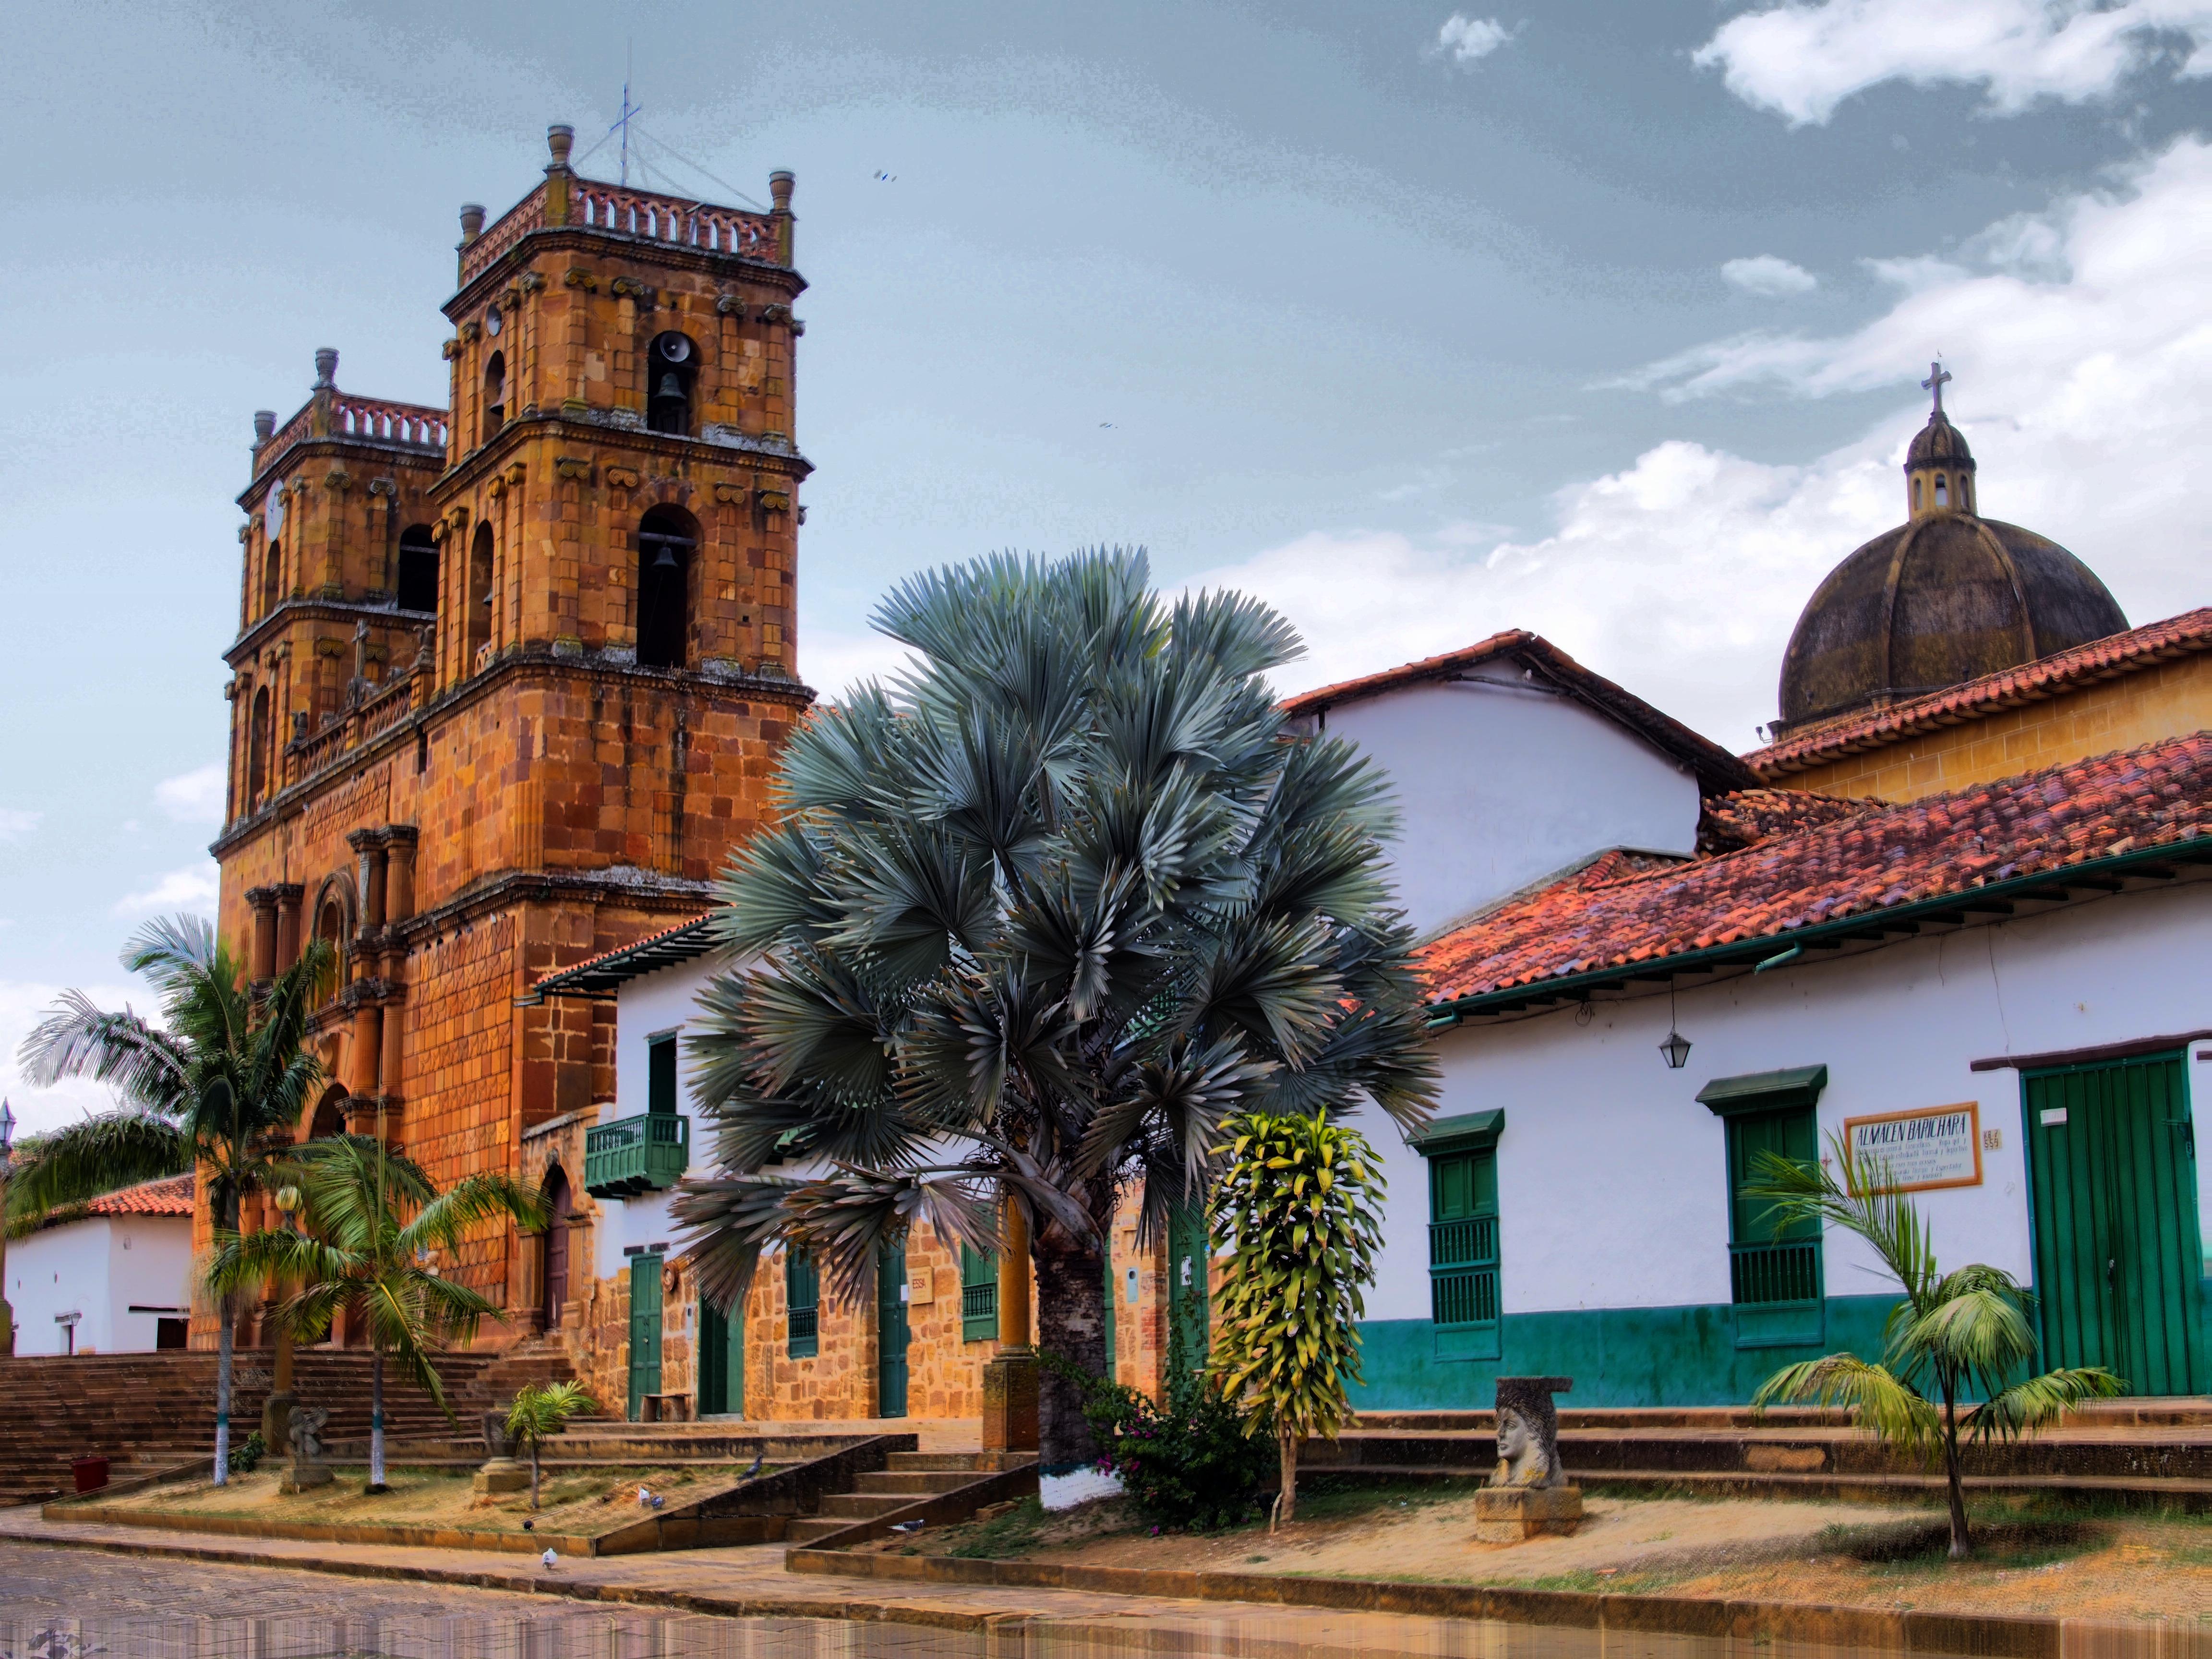 _LZX3108_9_10_HDR Barichara Santander Colombia Vagamundos 2013